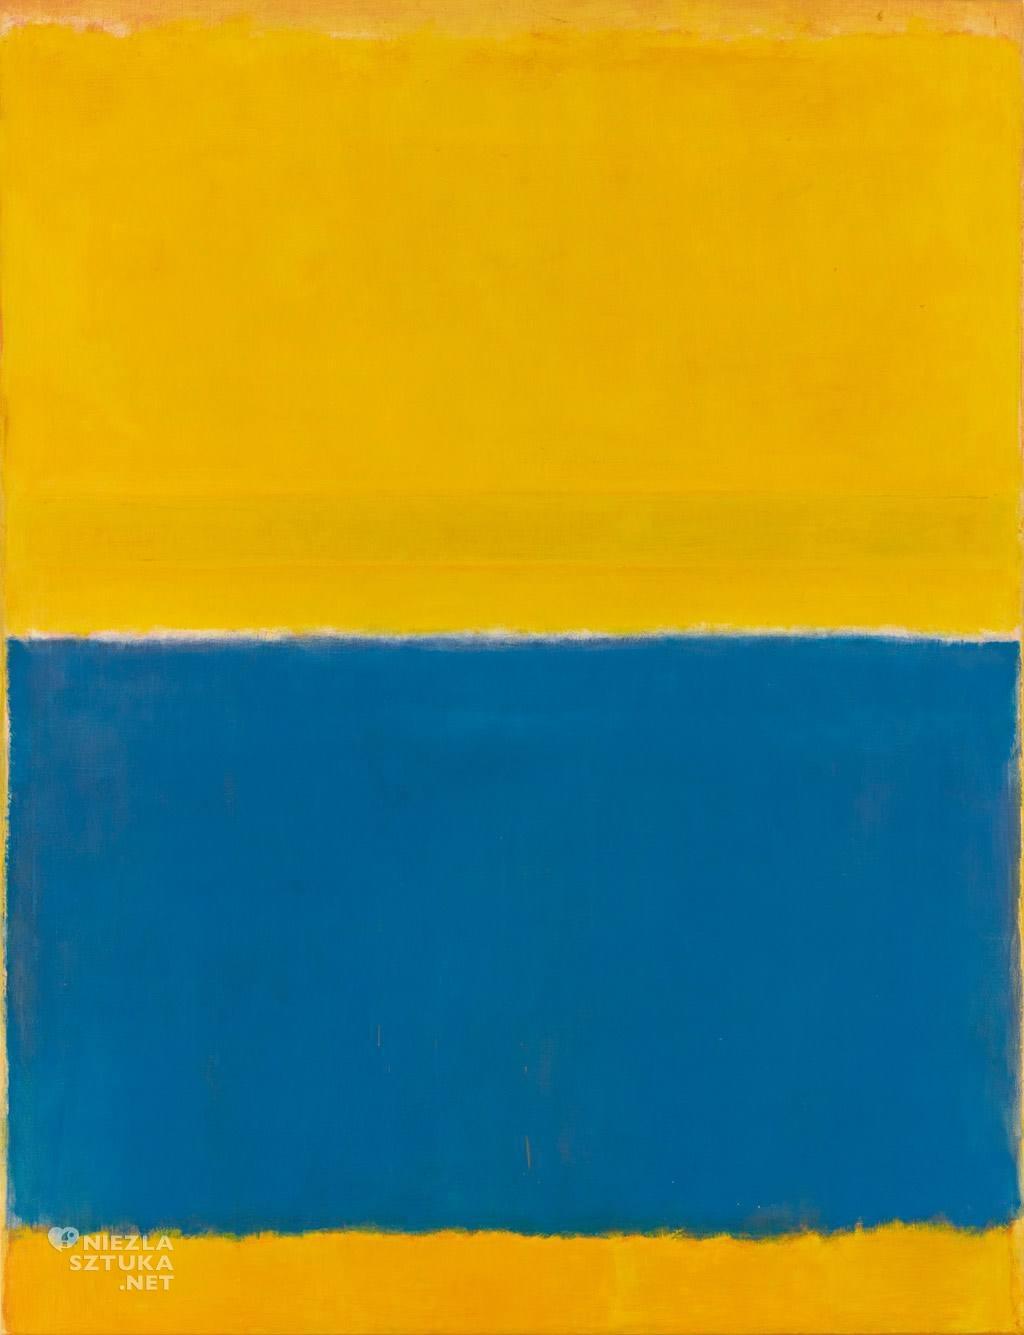 Mark Rothko Bez tytułu (Żółć i Błękit) | 1954, sothebys.com